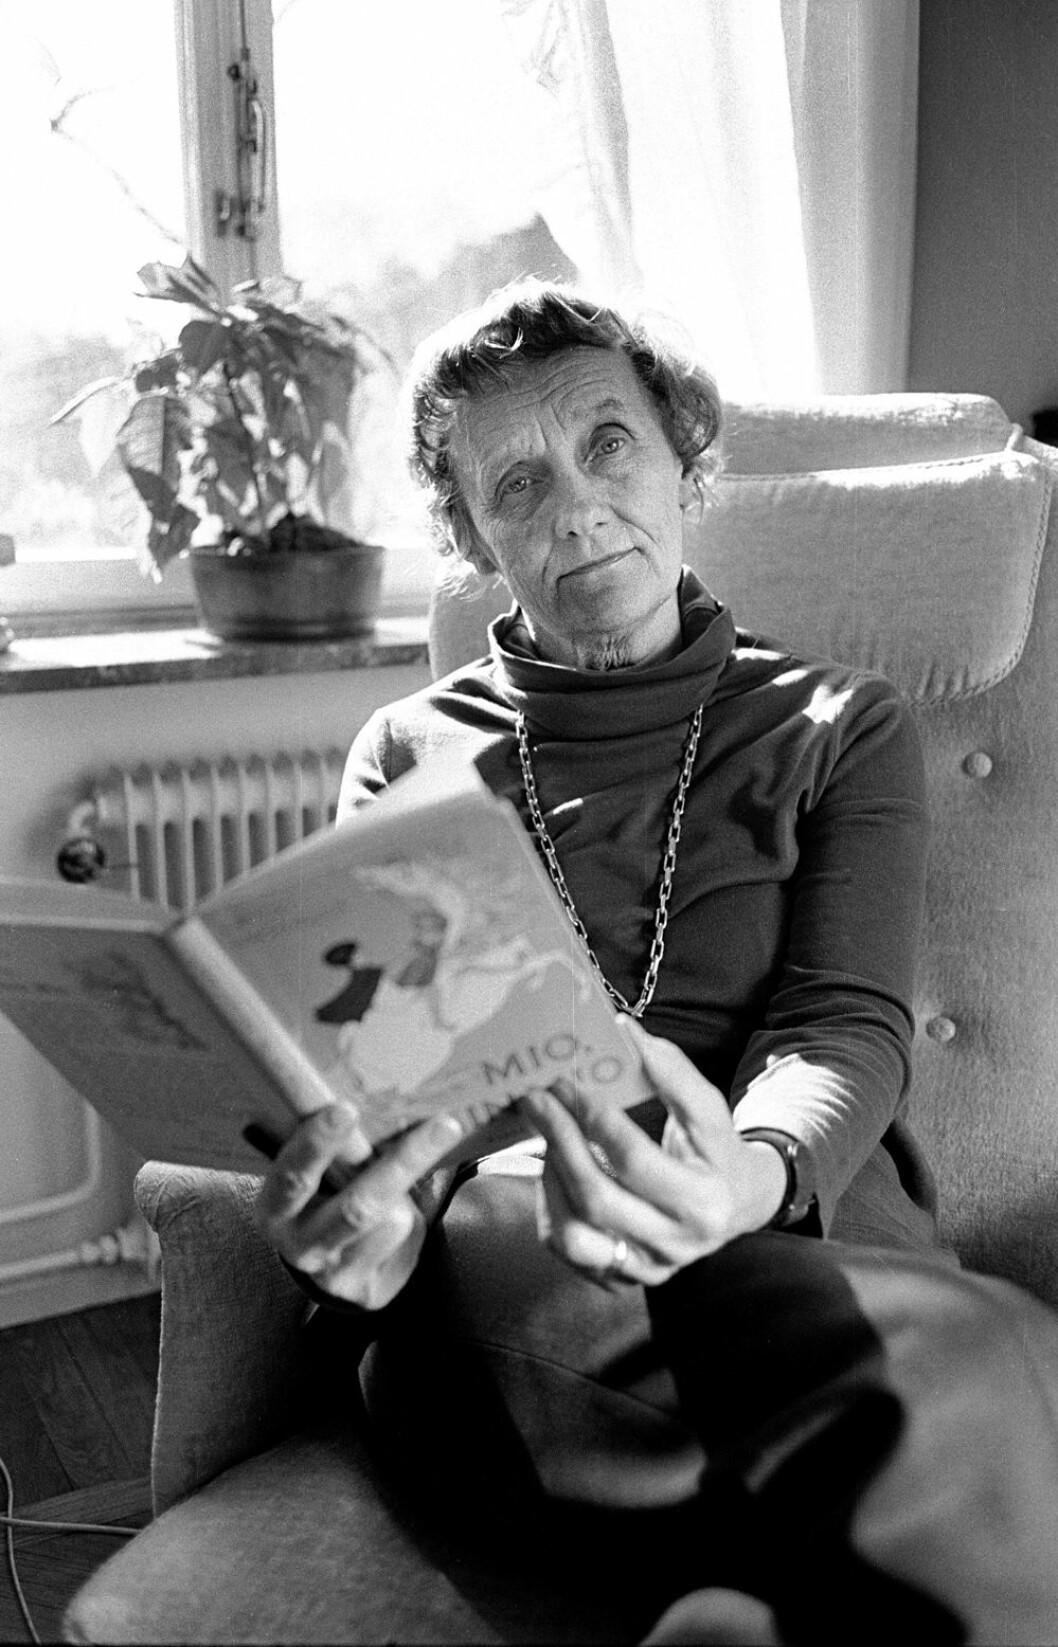 Astrid Lindgren Mio min Mio